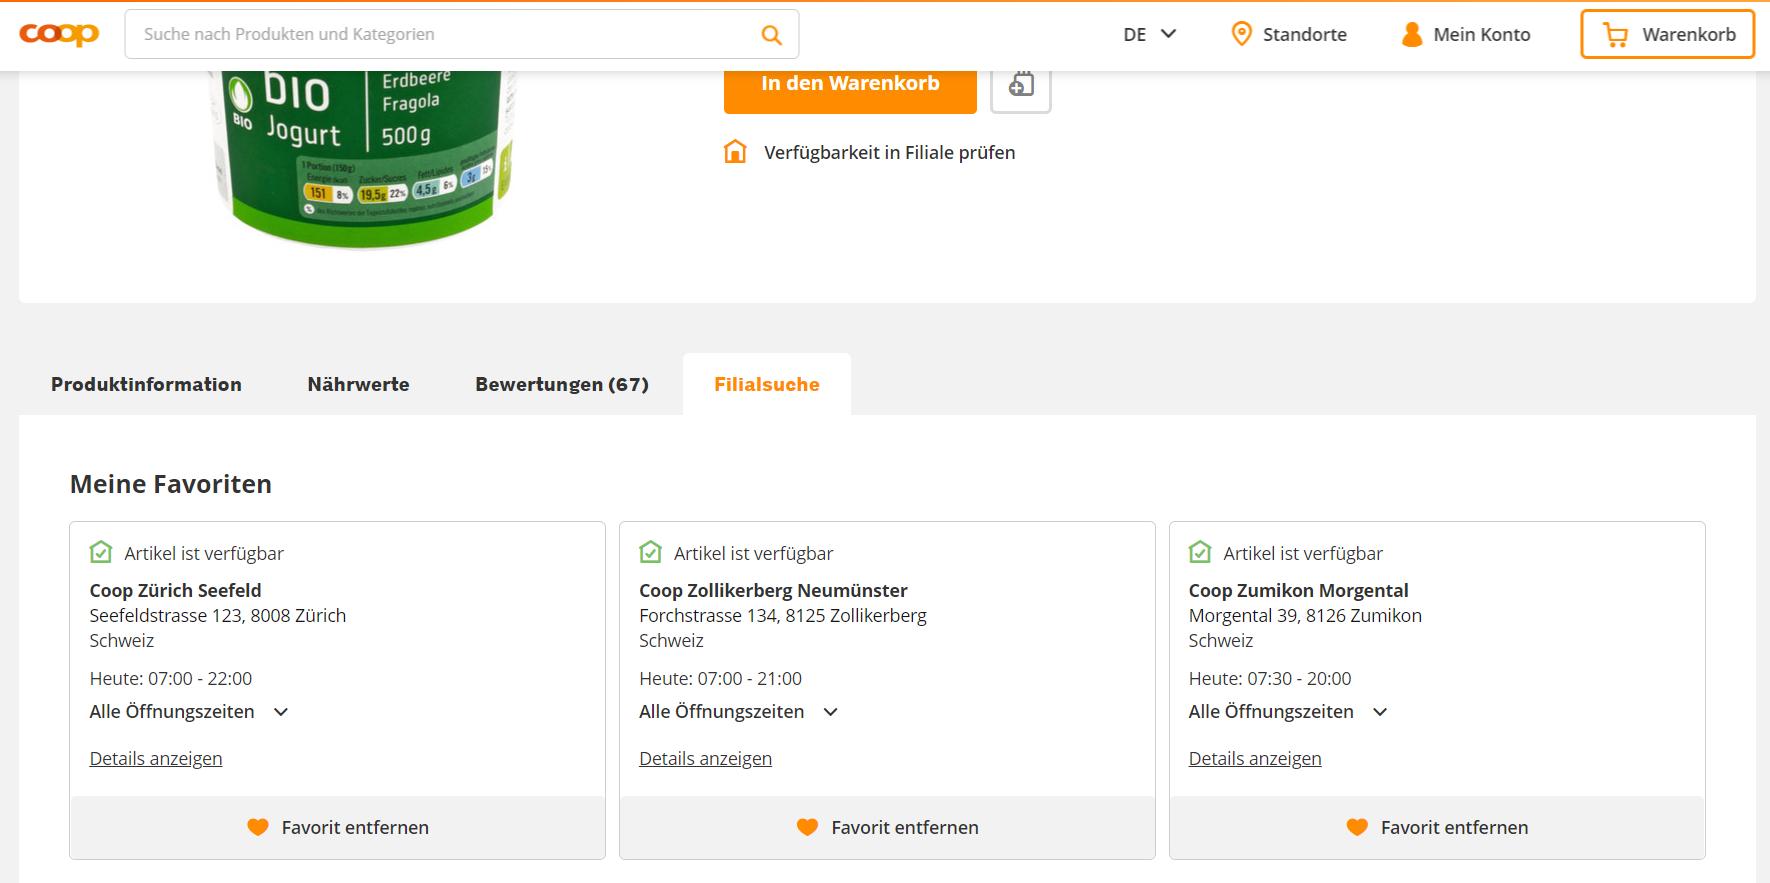 Artikelverfügbarkeit in den bevorzugten Filialen / Quelle: beta.coop.ch